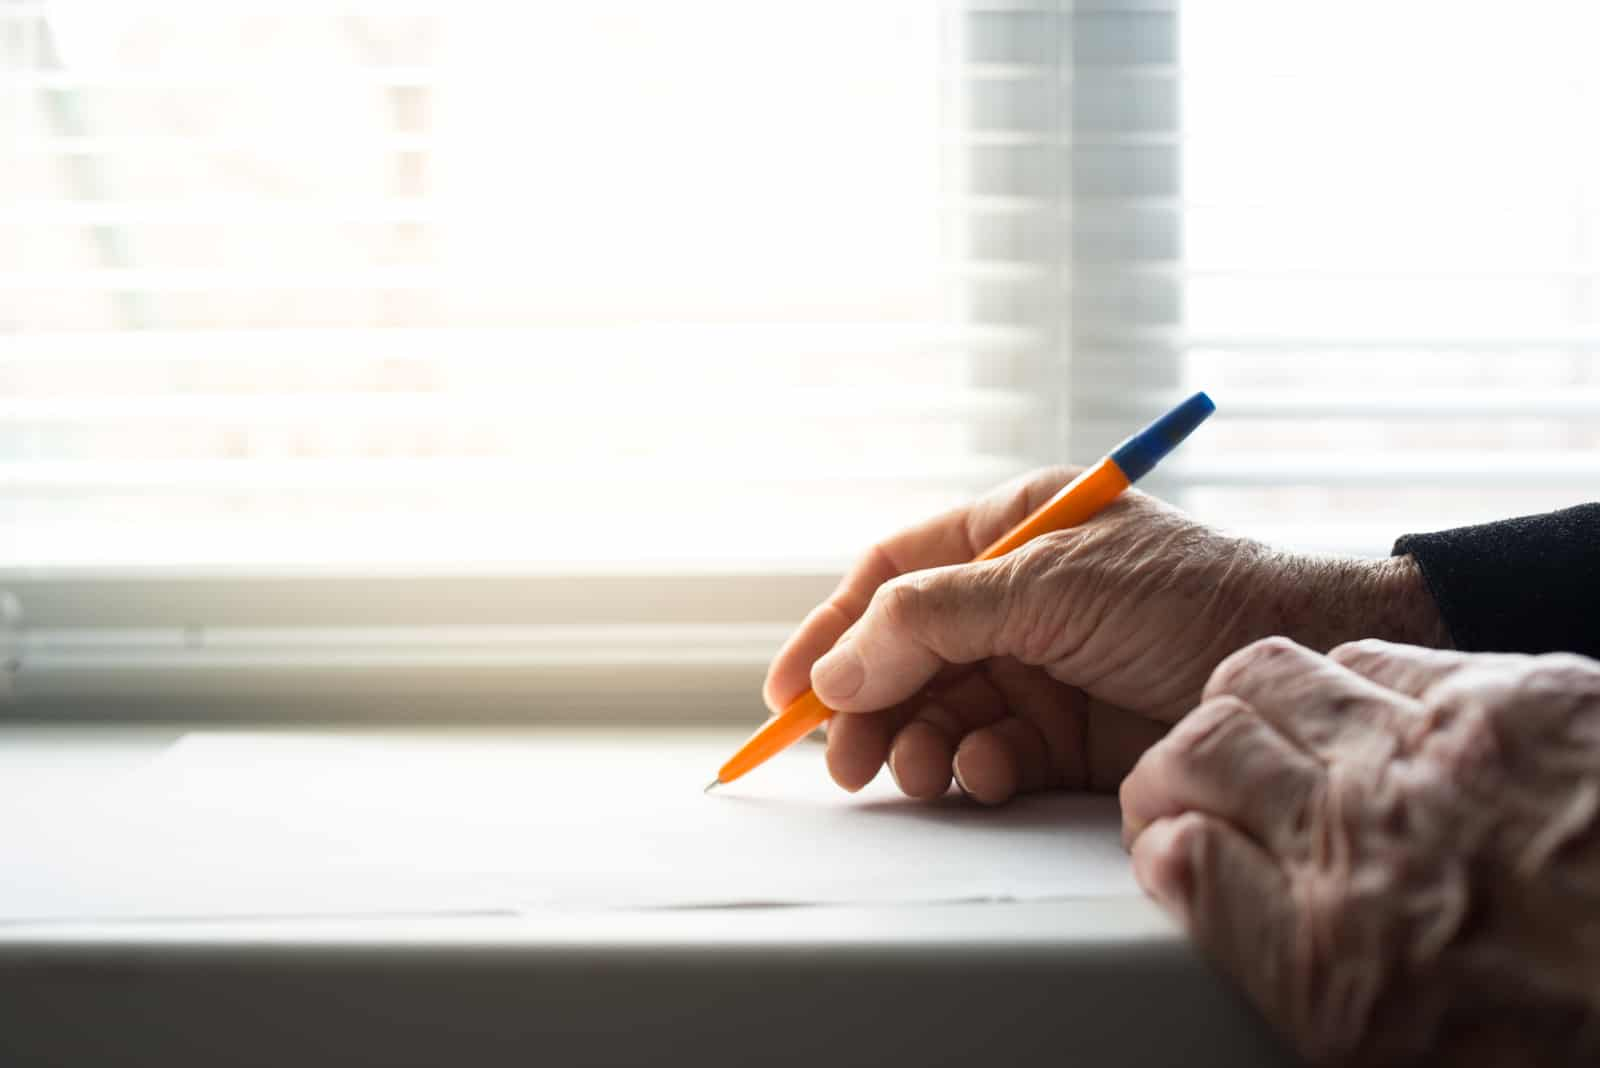 un homme est assis à une table et écrit